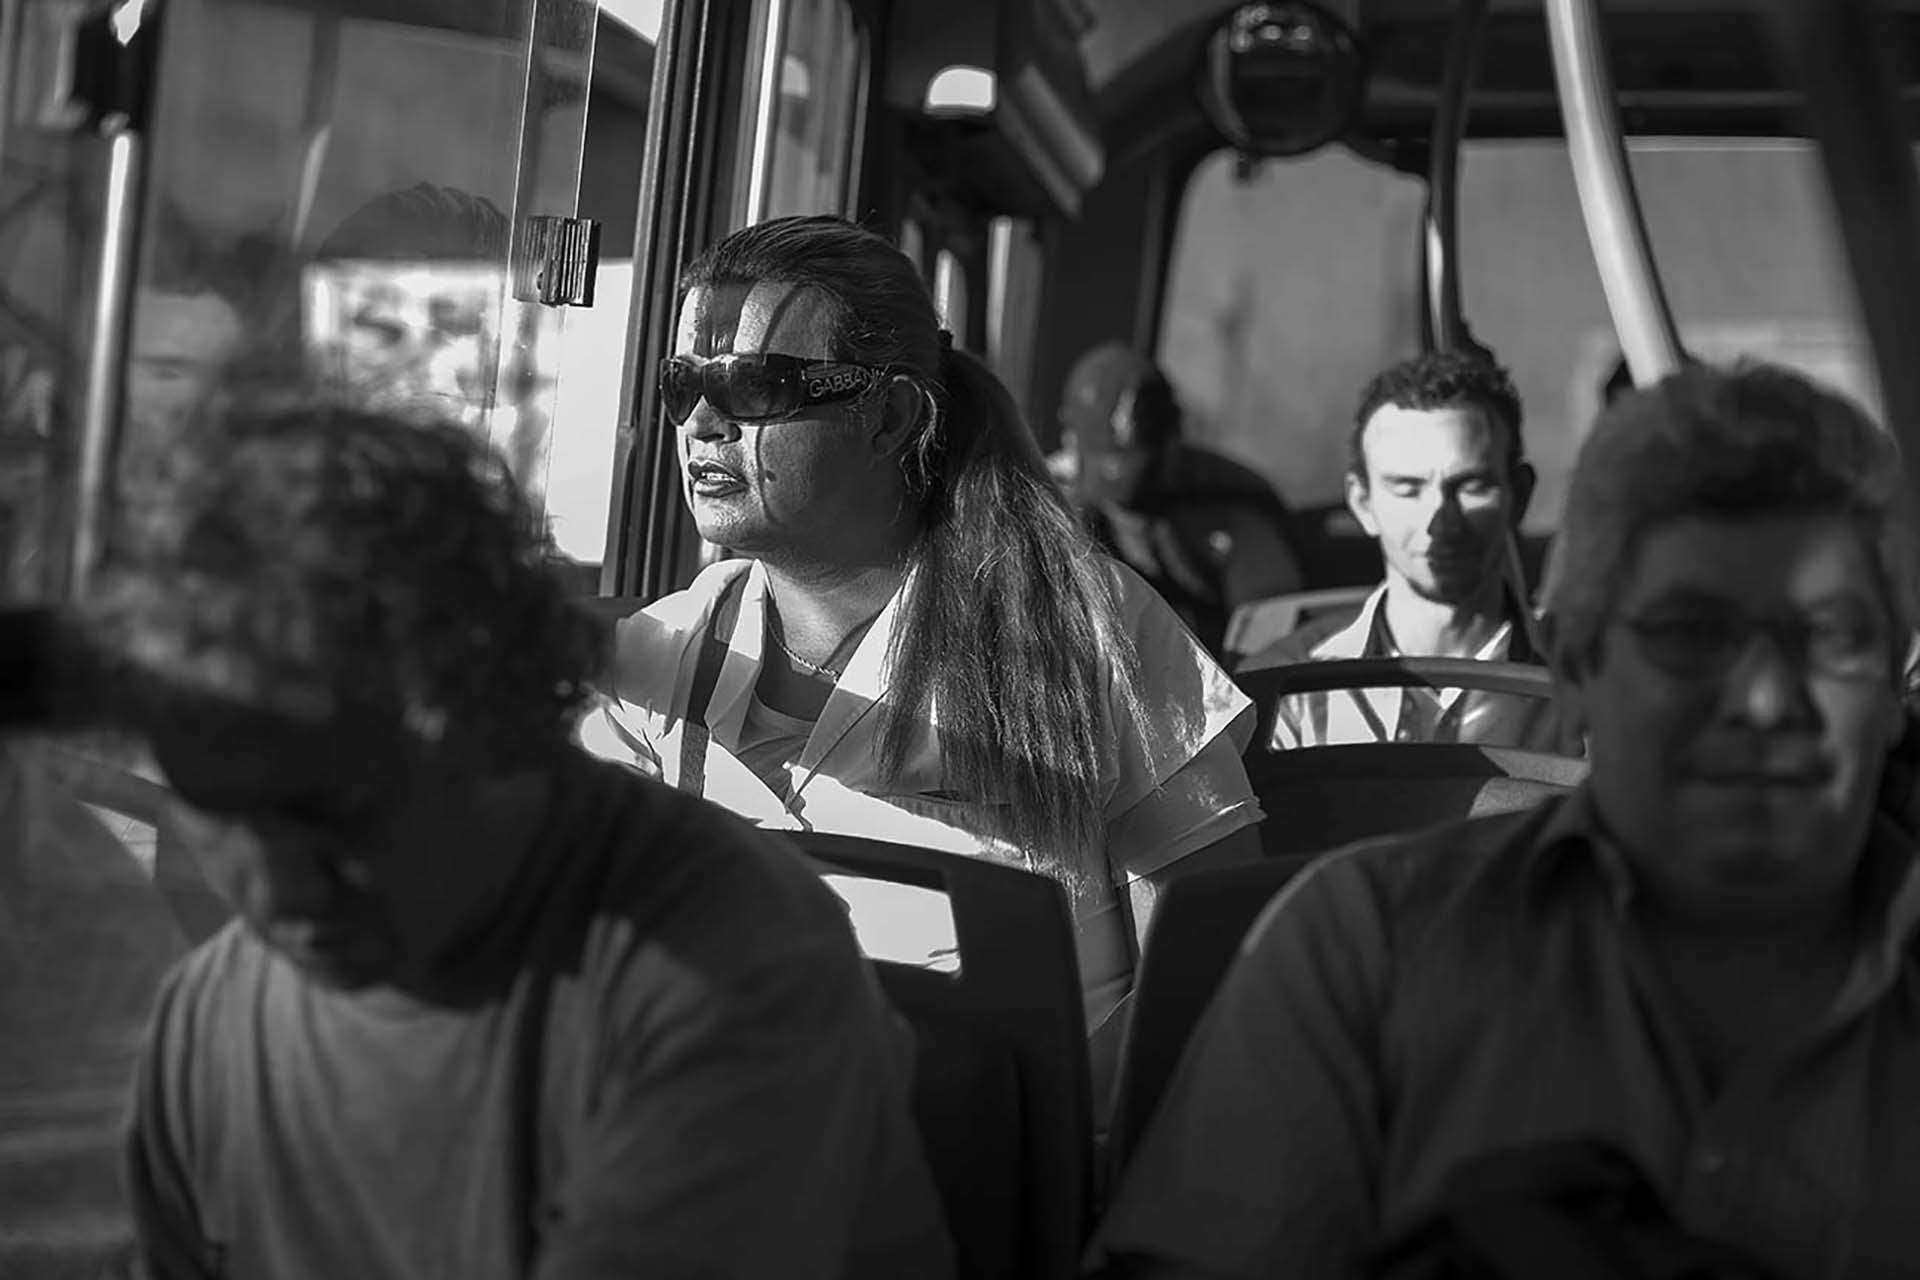 Serena Sofía Alarcón Rinesi, una mujer trans muy trabajadora y que busca ayudar a los demás